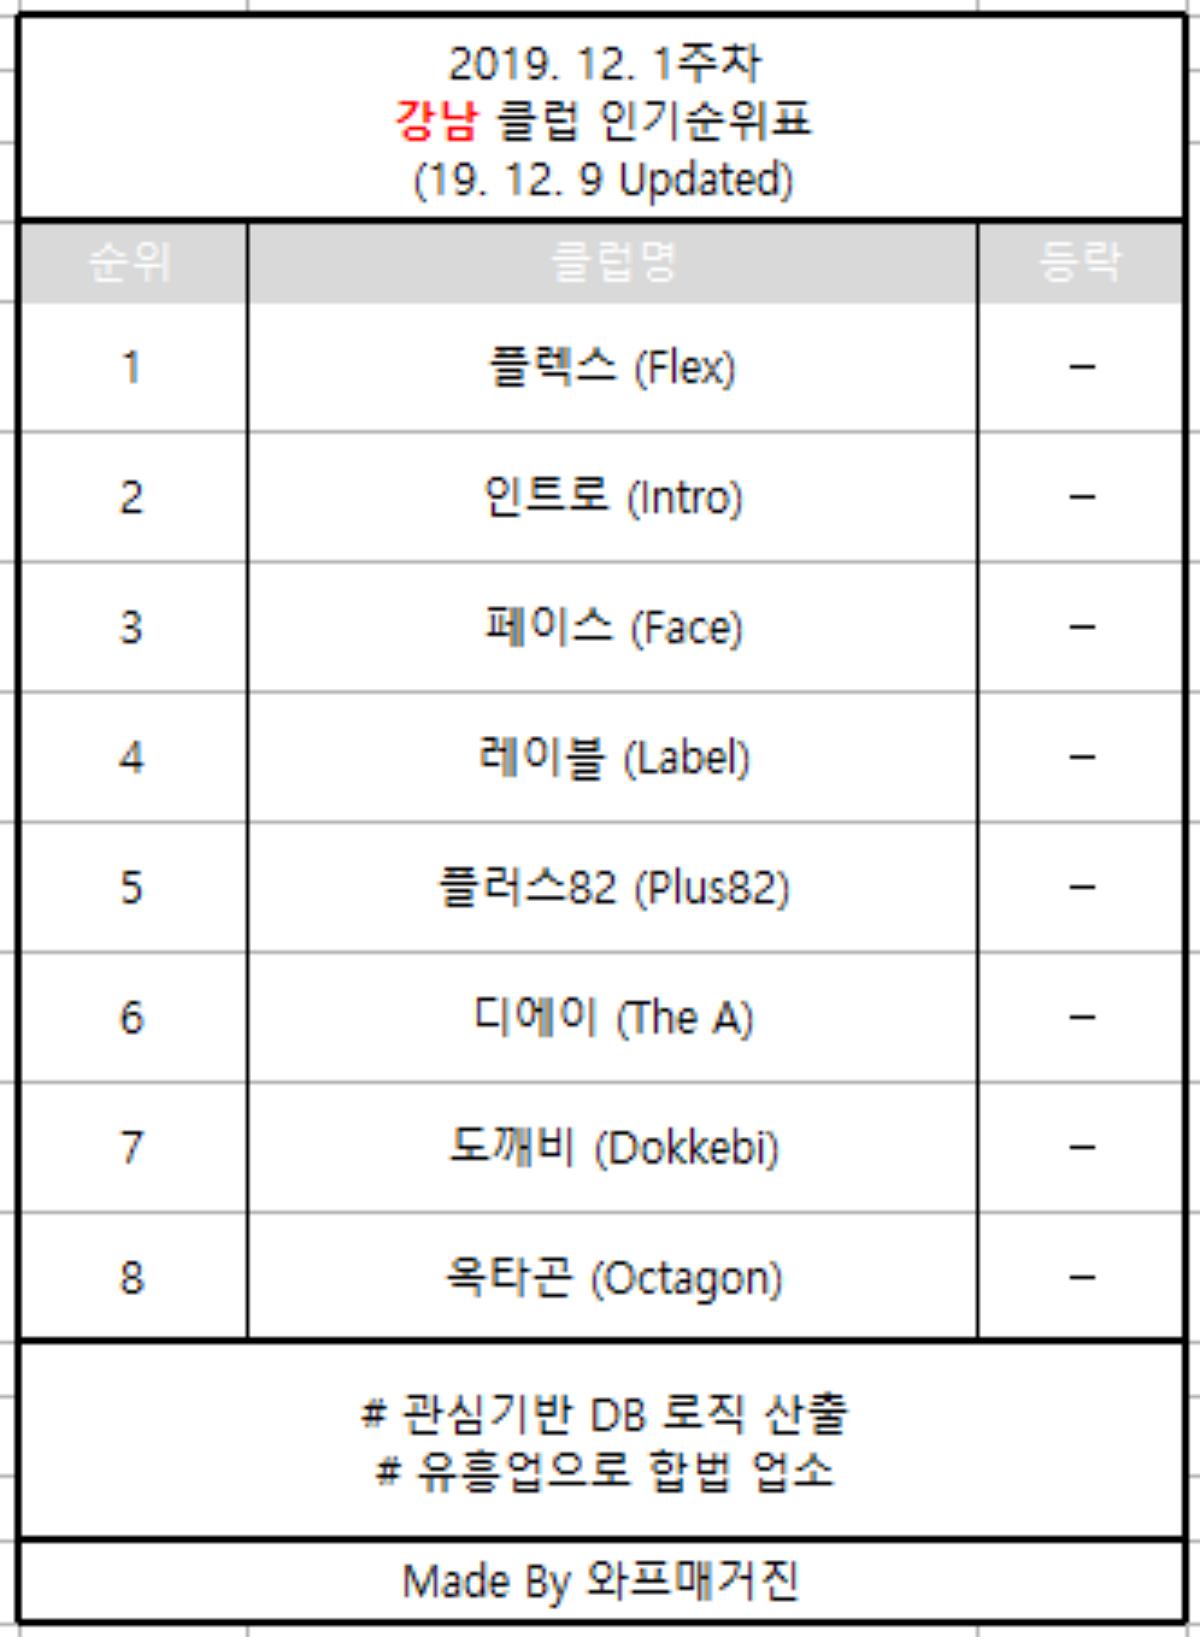 강남클럽순위 19.12.1주차